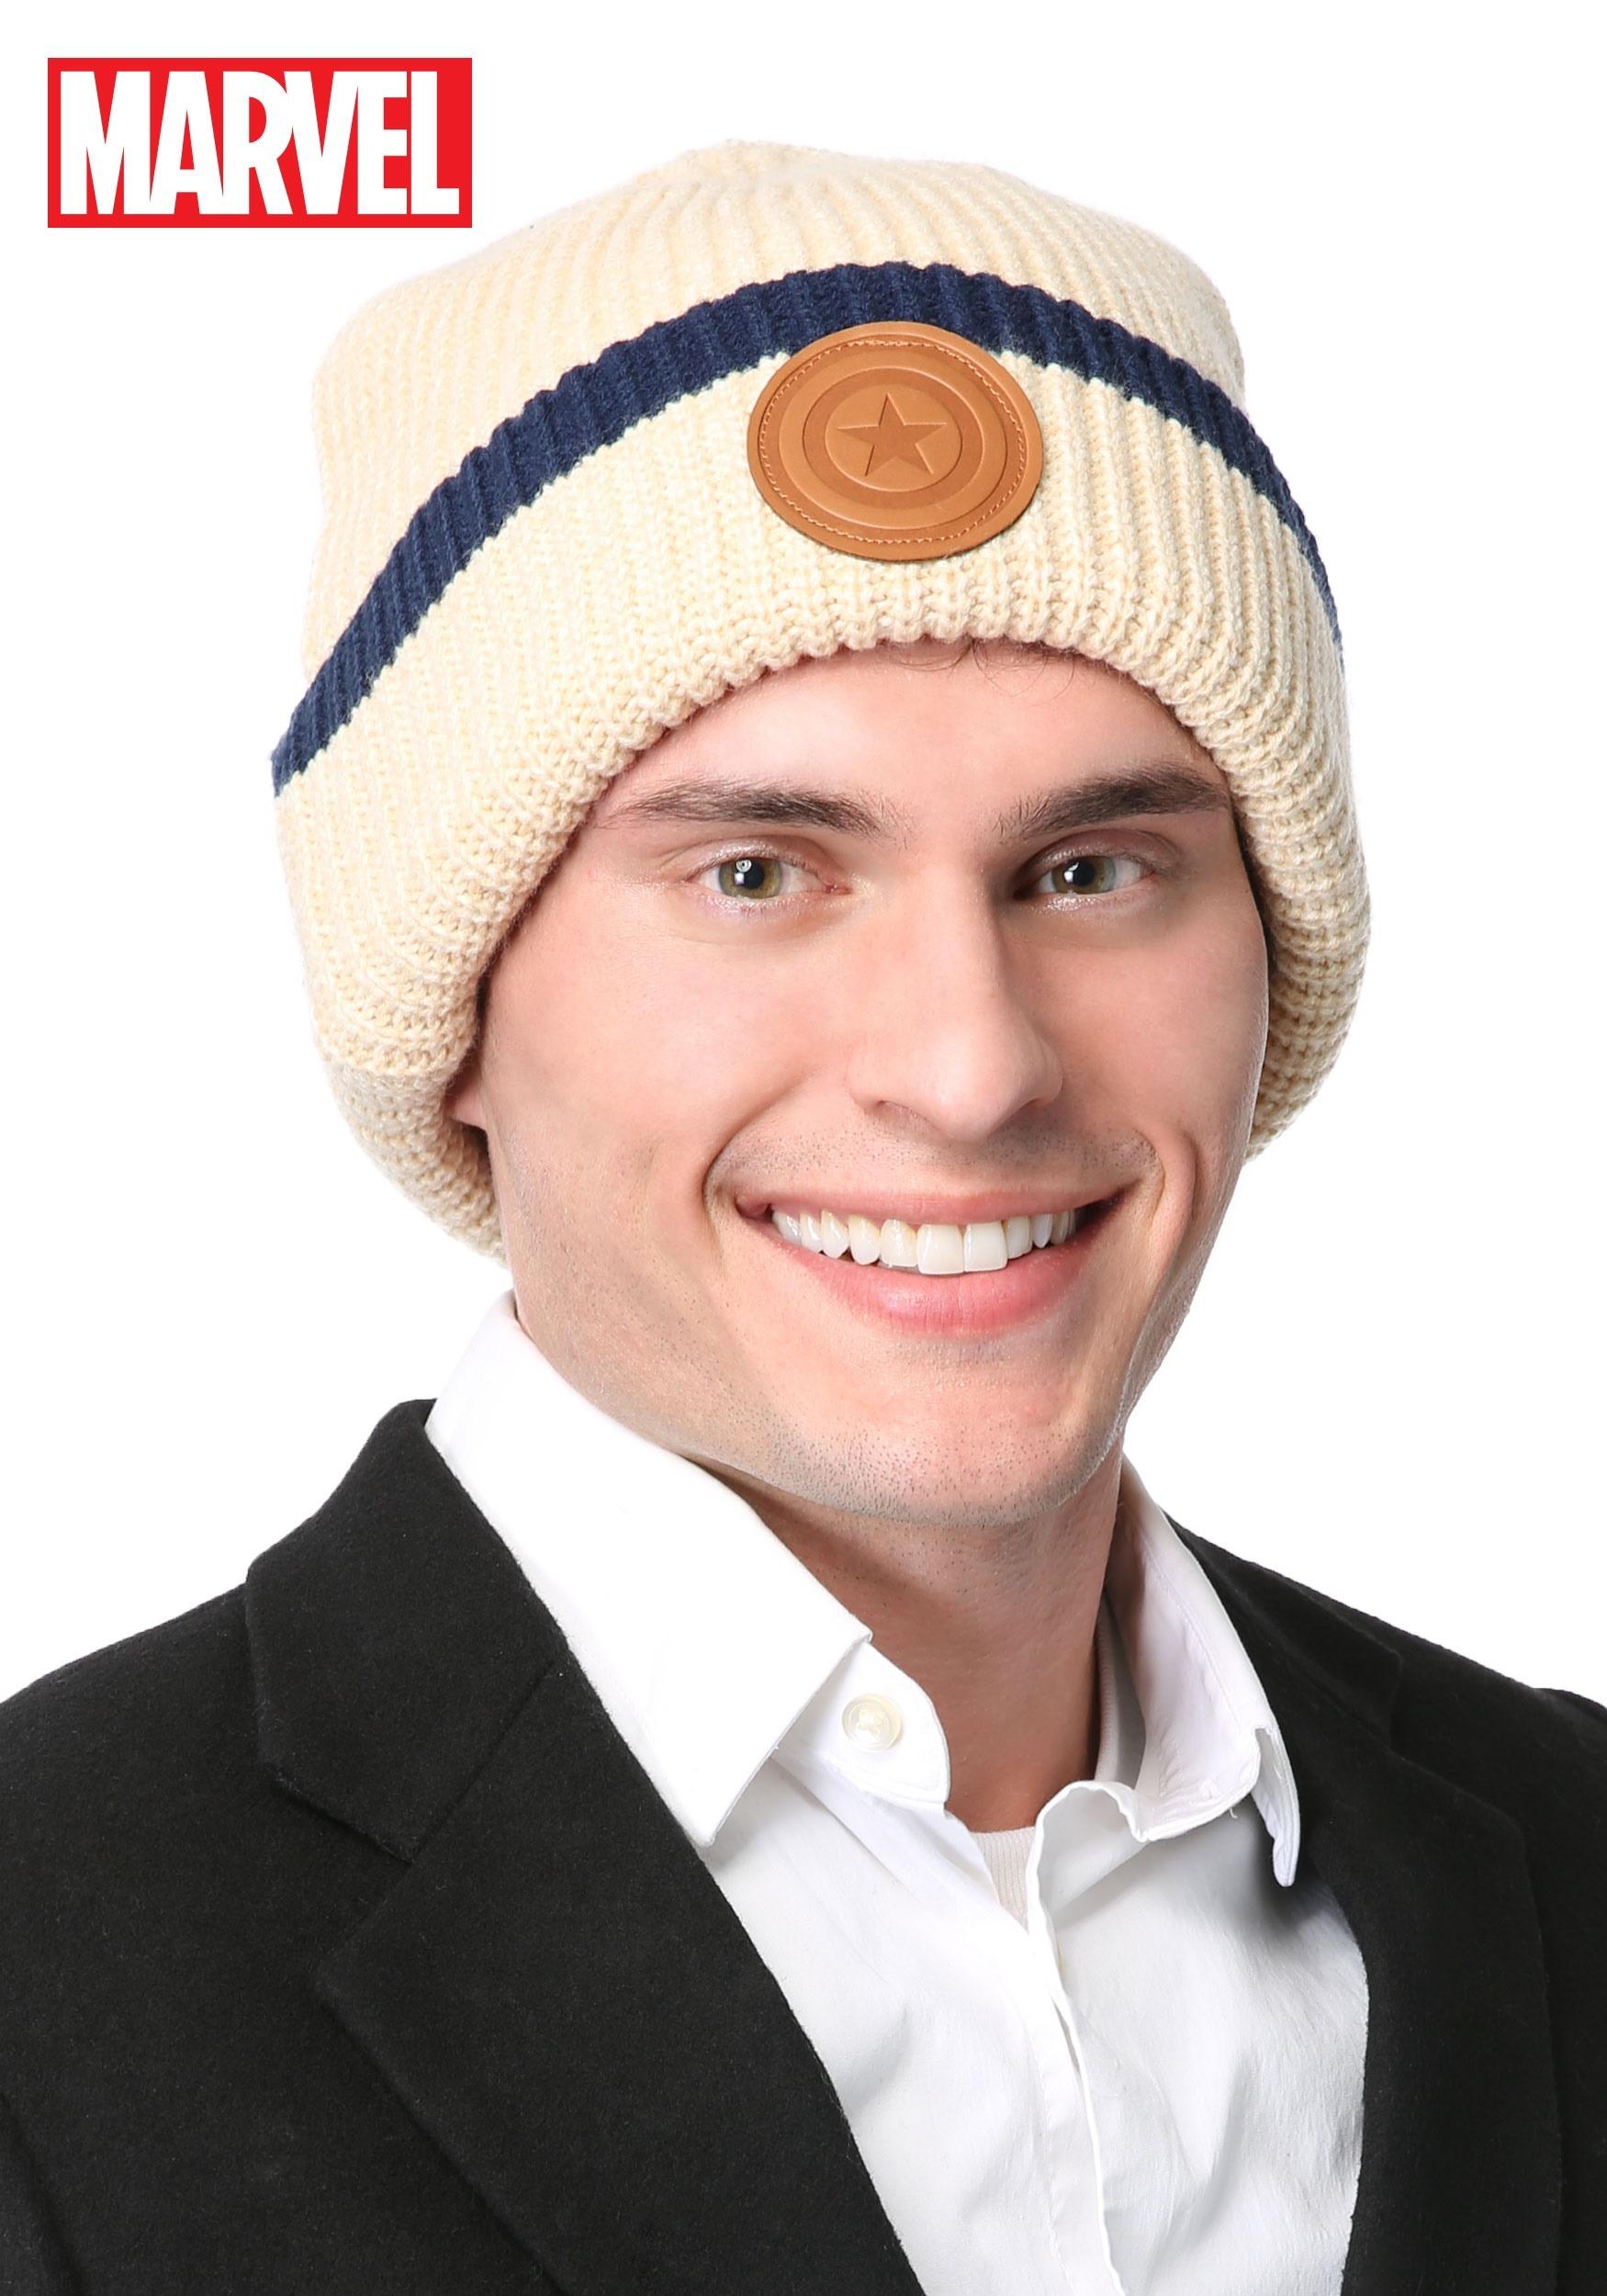 marvel-captain-america-winter-hat2.jpg 69dc64d6776